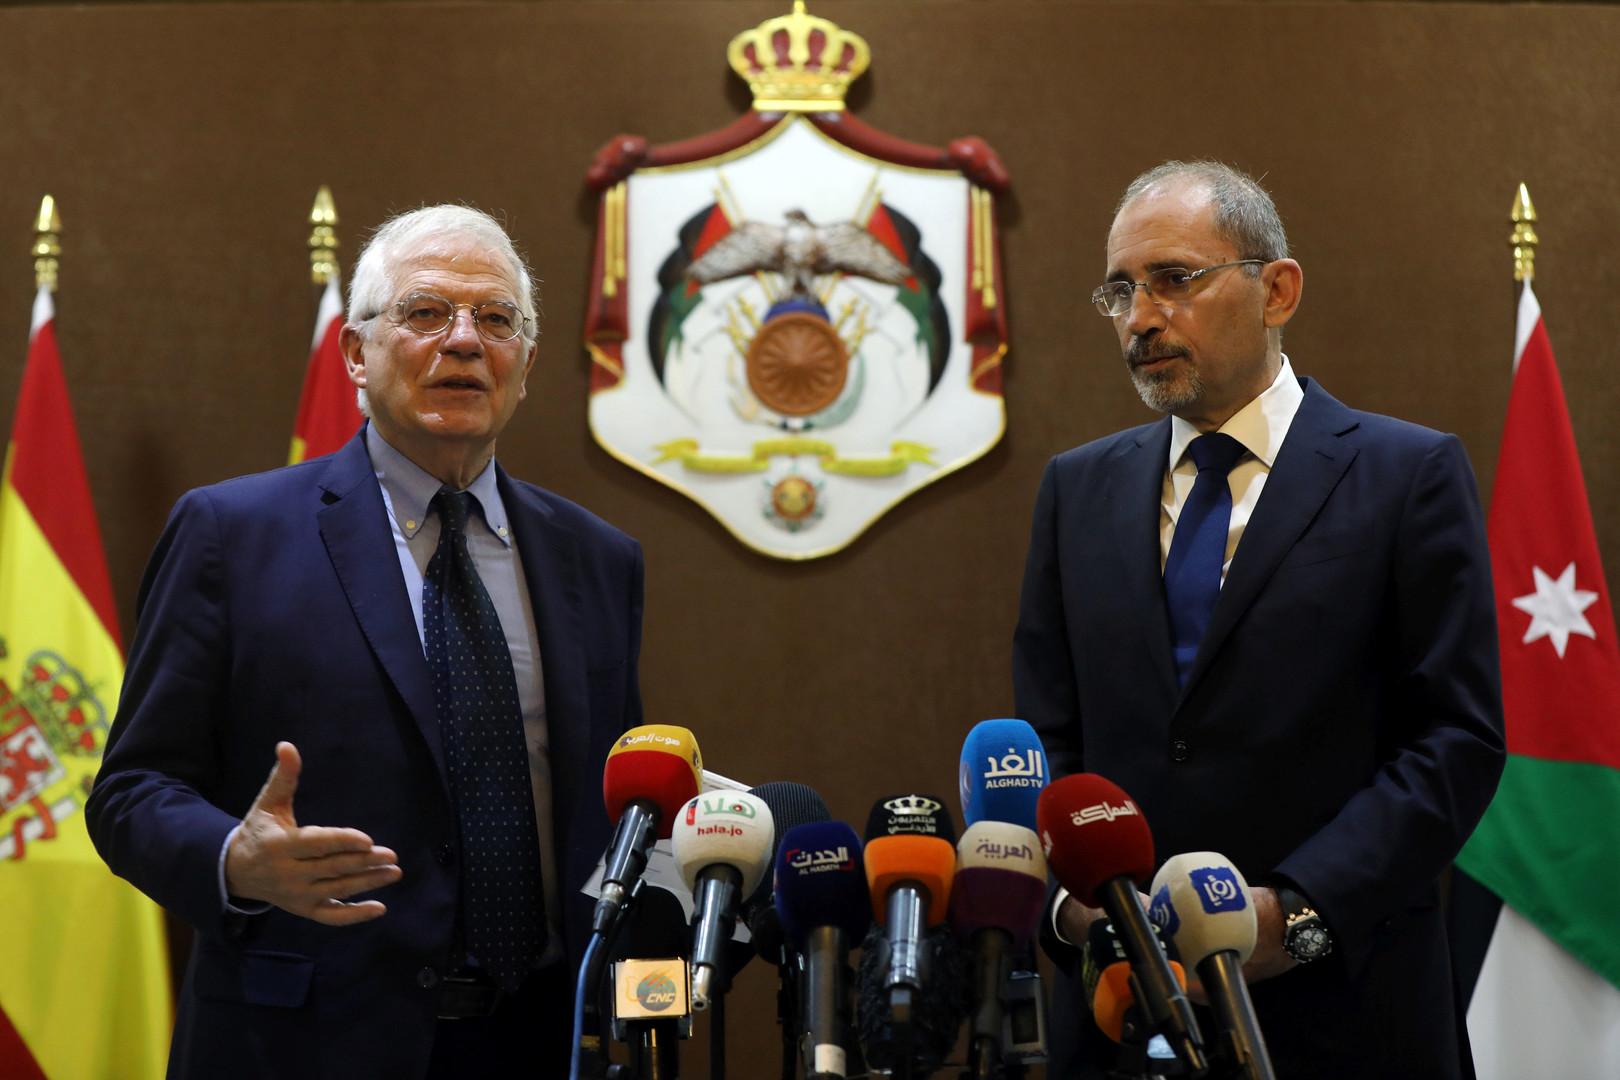 وزير الخارجية الإسباني، جوسيب بوريل، في مؤتمر صحفي مشترك مع نظيره الأردني، أيمن الصفدي (2 مايو 2019)